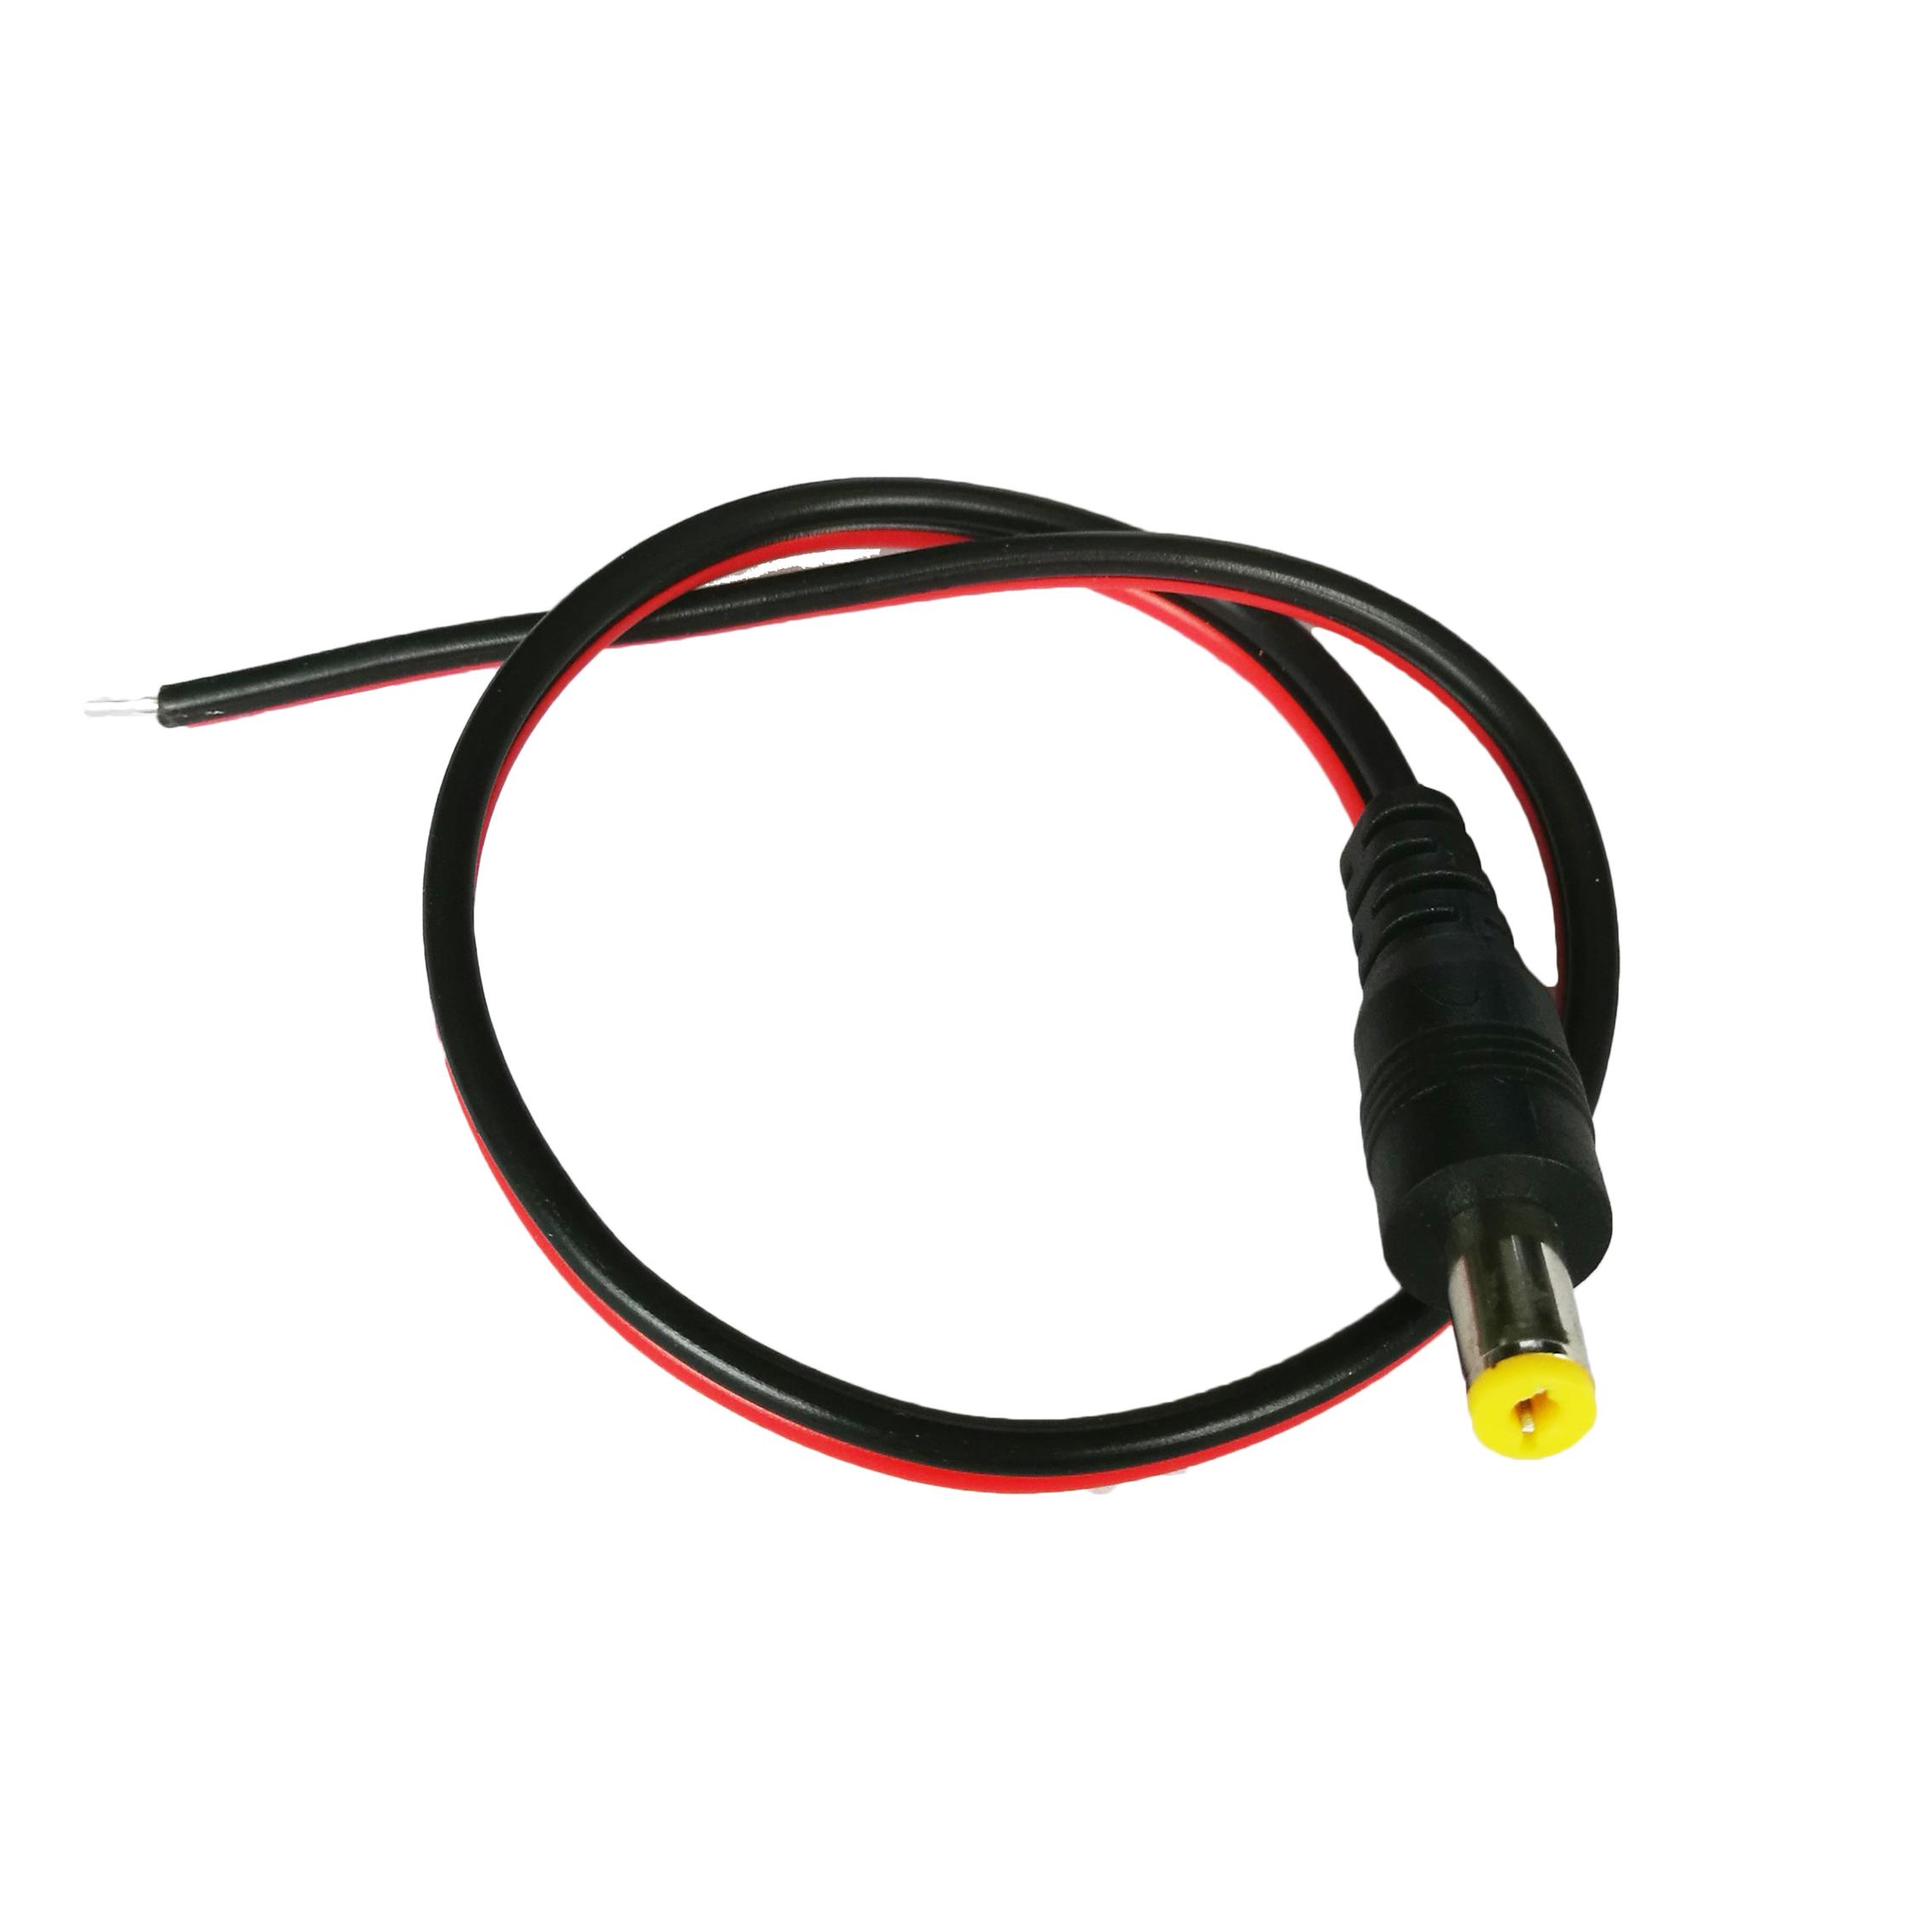 Штекерный кабель питания постоянного тока для камеры видеонаблюдения, разъем питания 12 В, 30 см, адаптер 5,5*2,1 мм